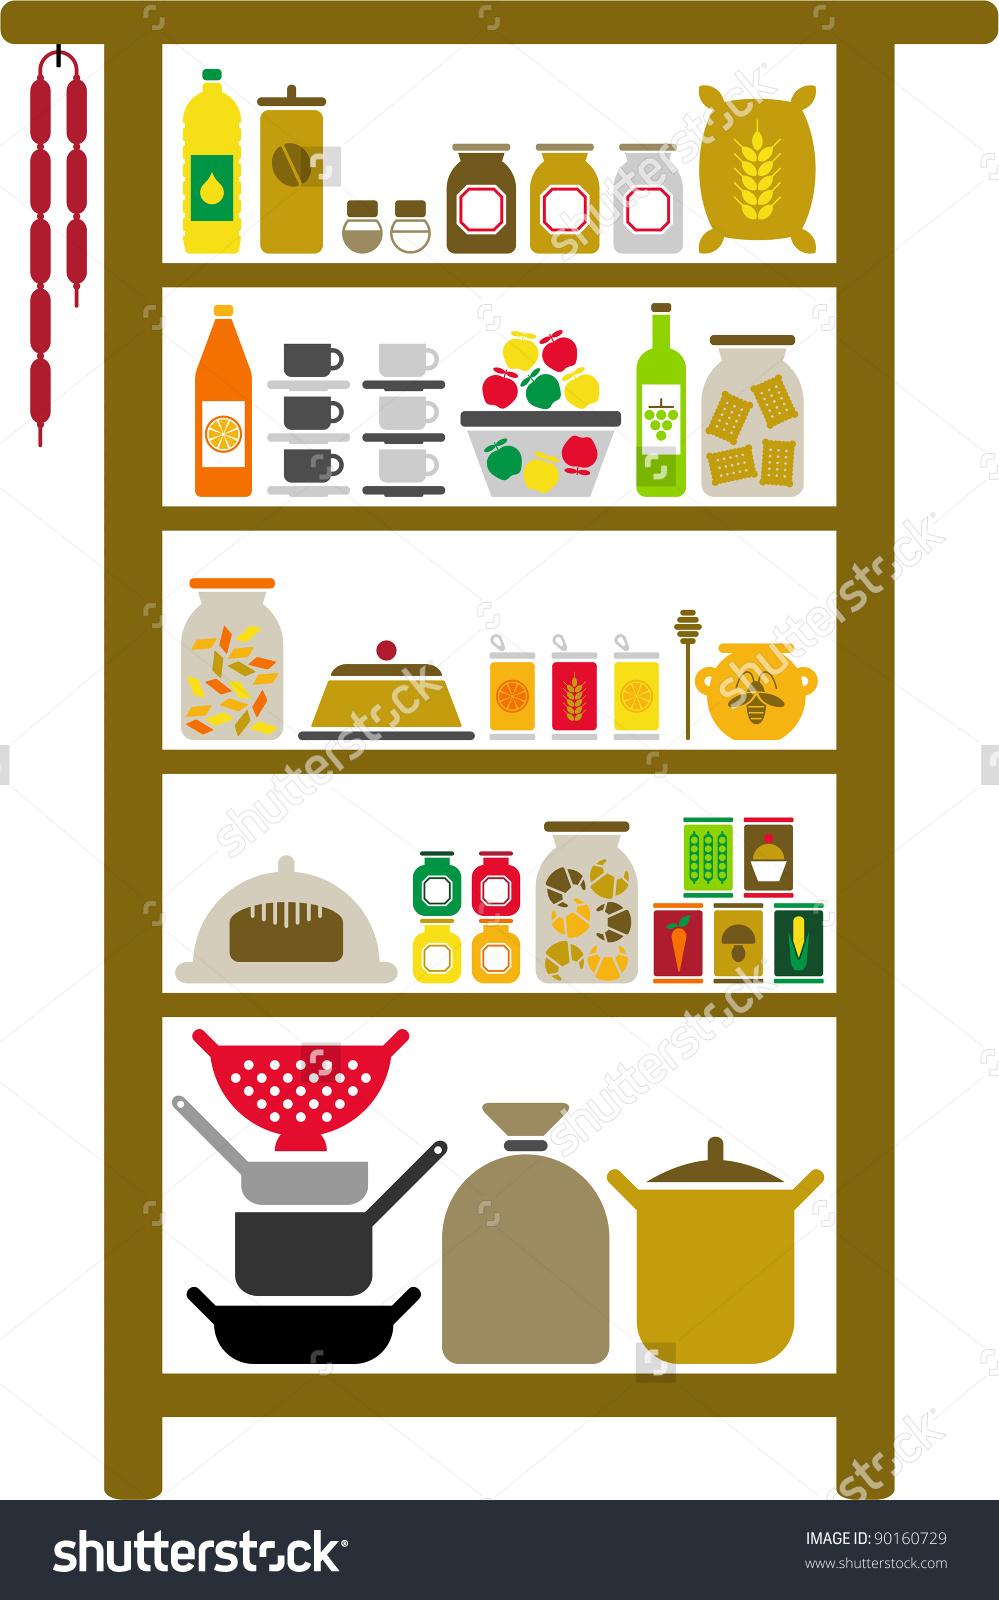 Food pantry clip art